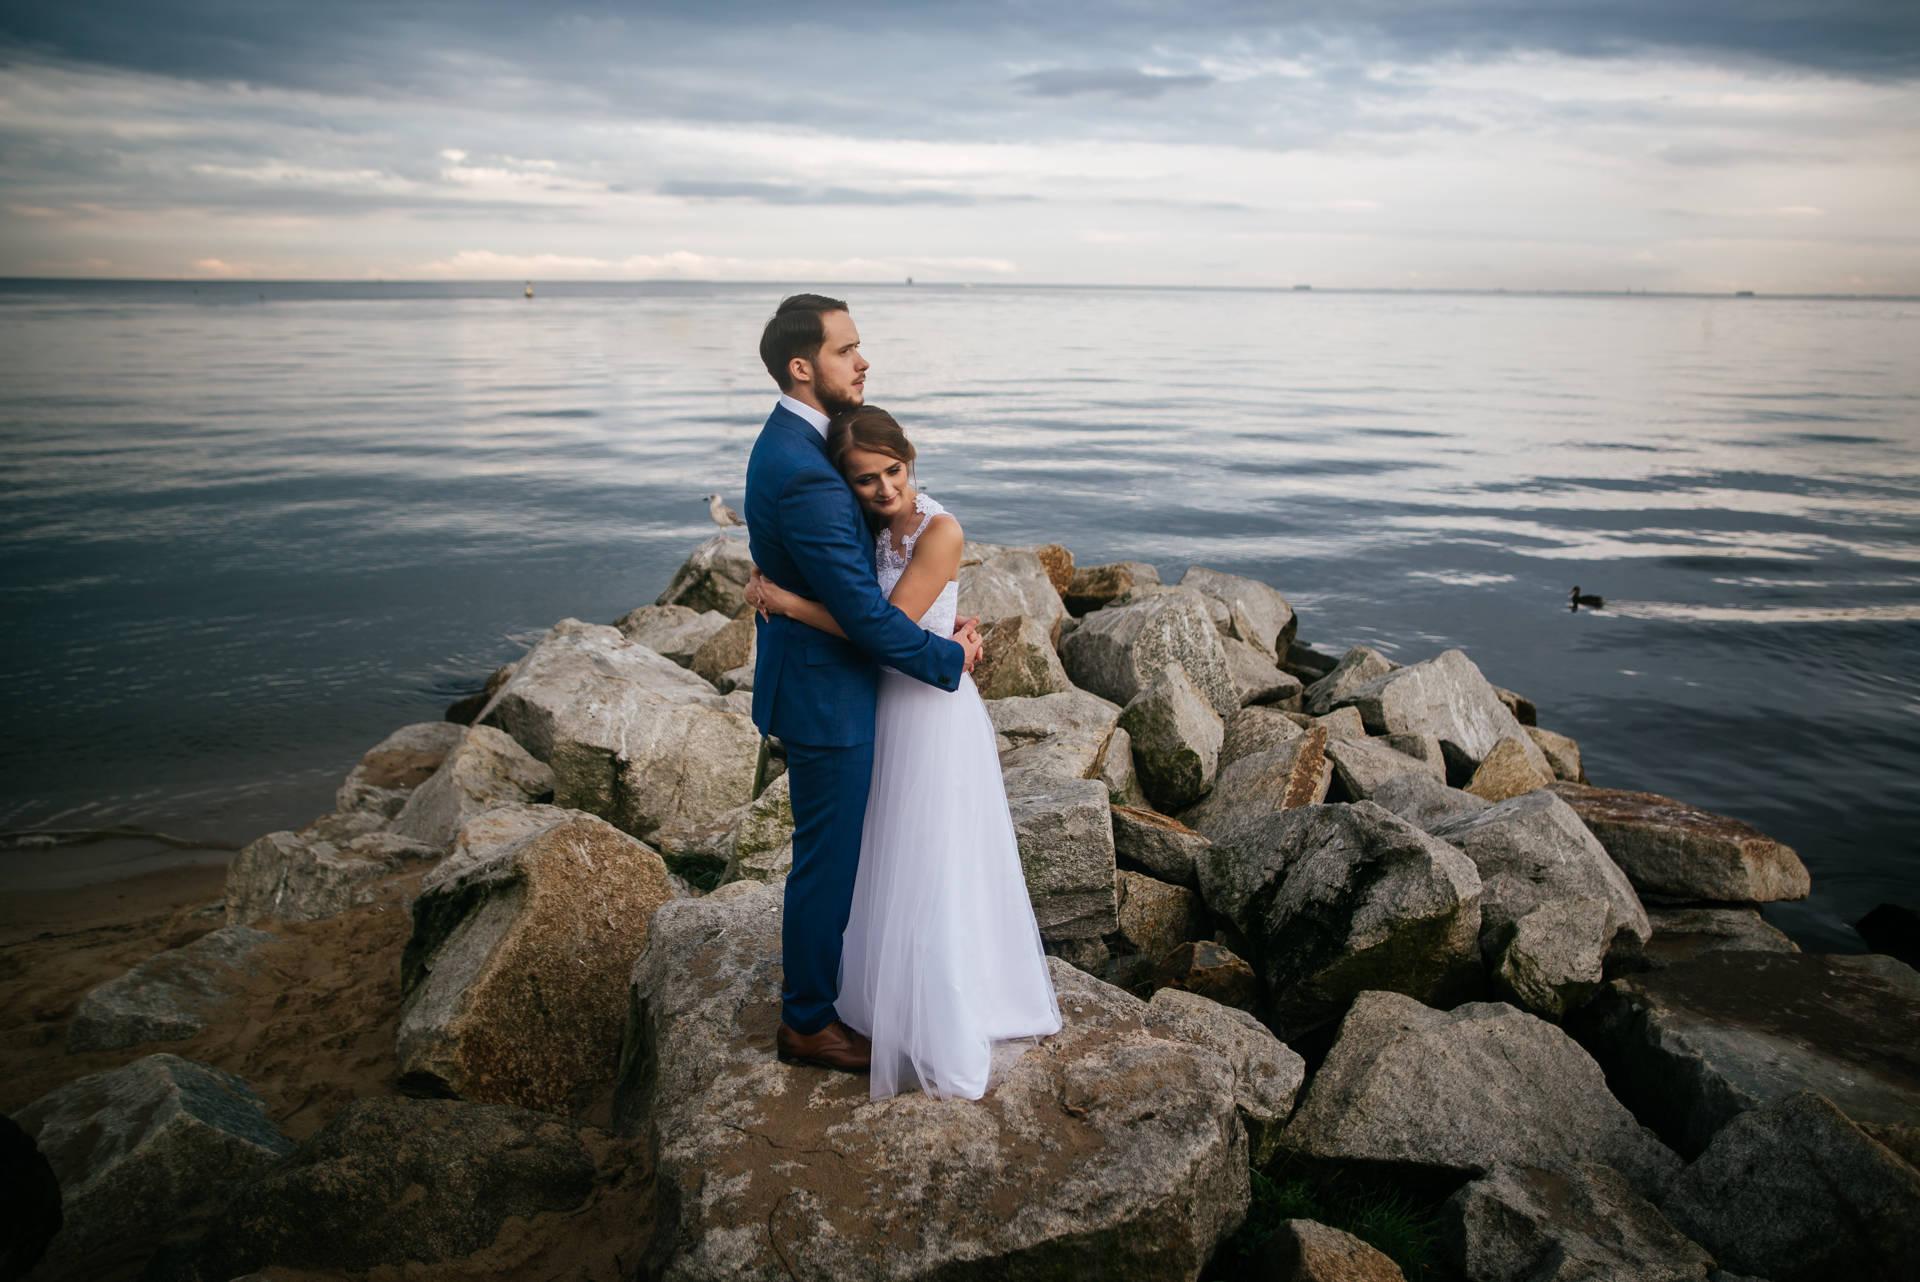 Sesja ślubna w okolicy mola w Orłowie, na mniej znanej a przecież pięknej plaży w Gdyni. Fot. Rafał Nitychoruk aparatowo.pl